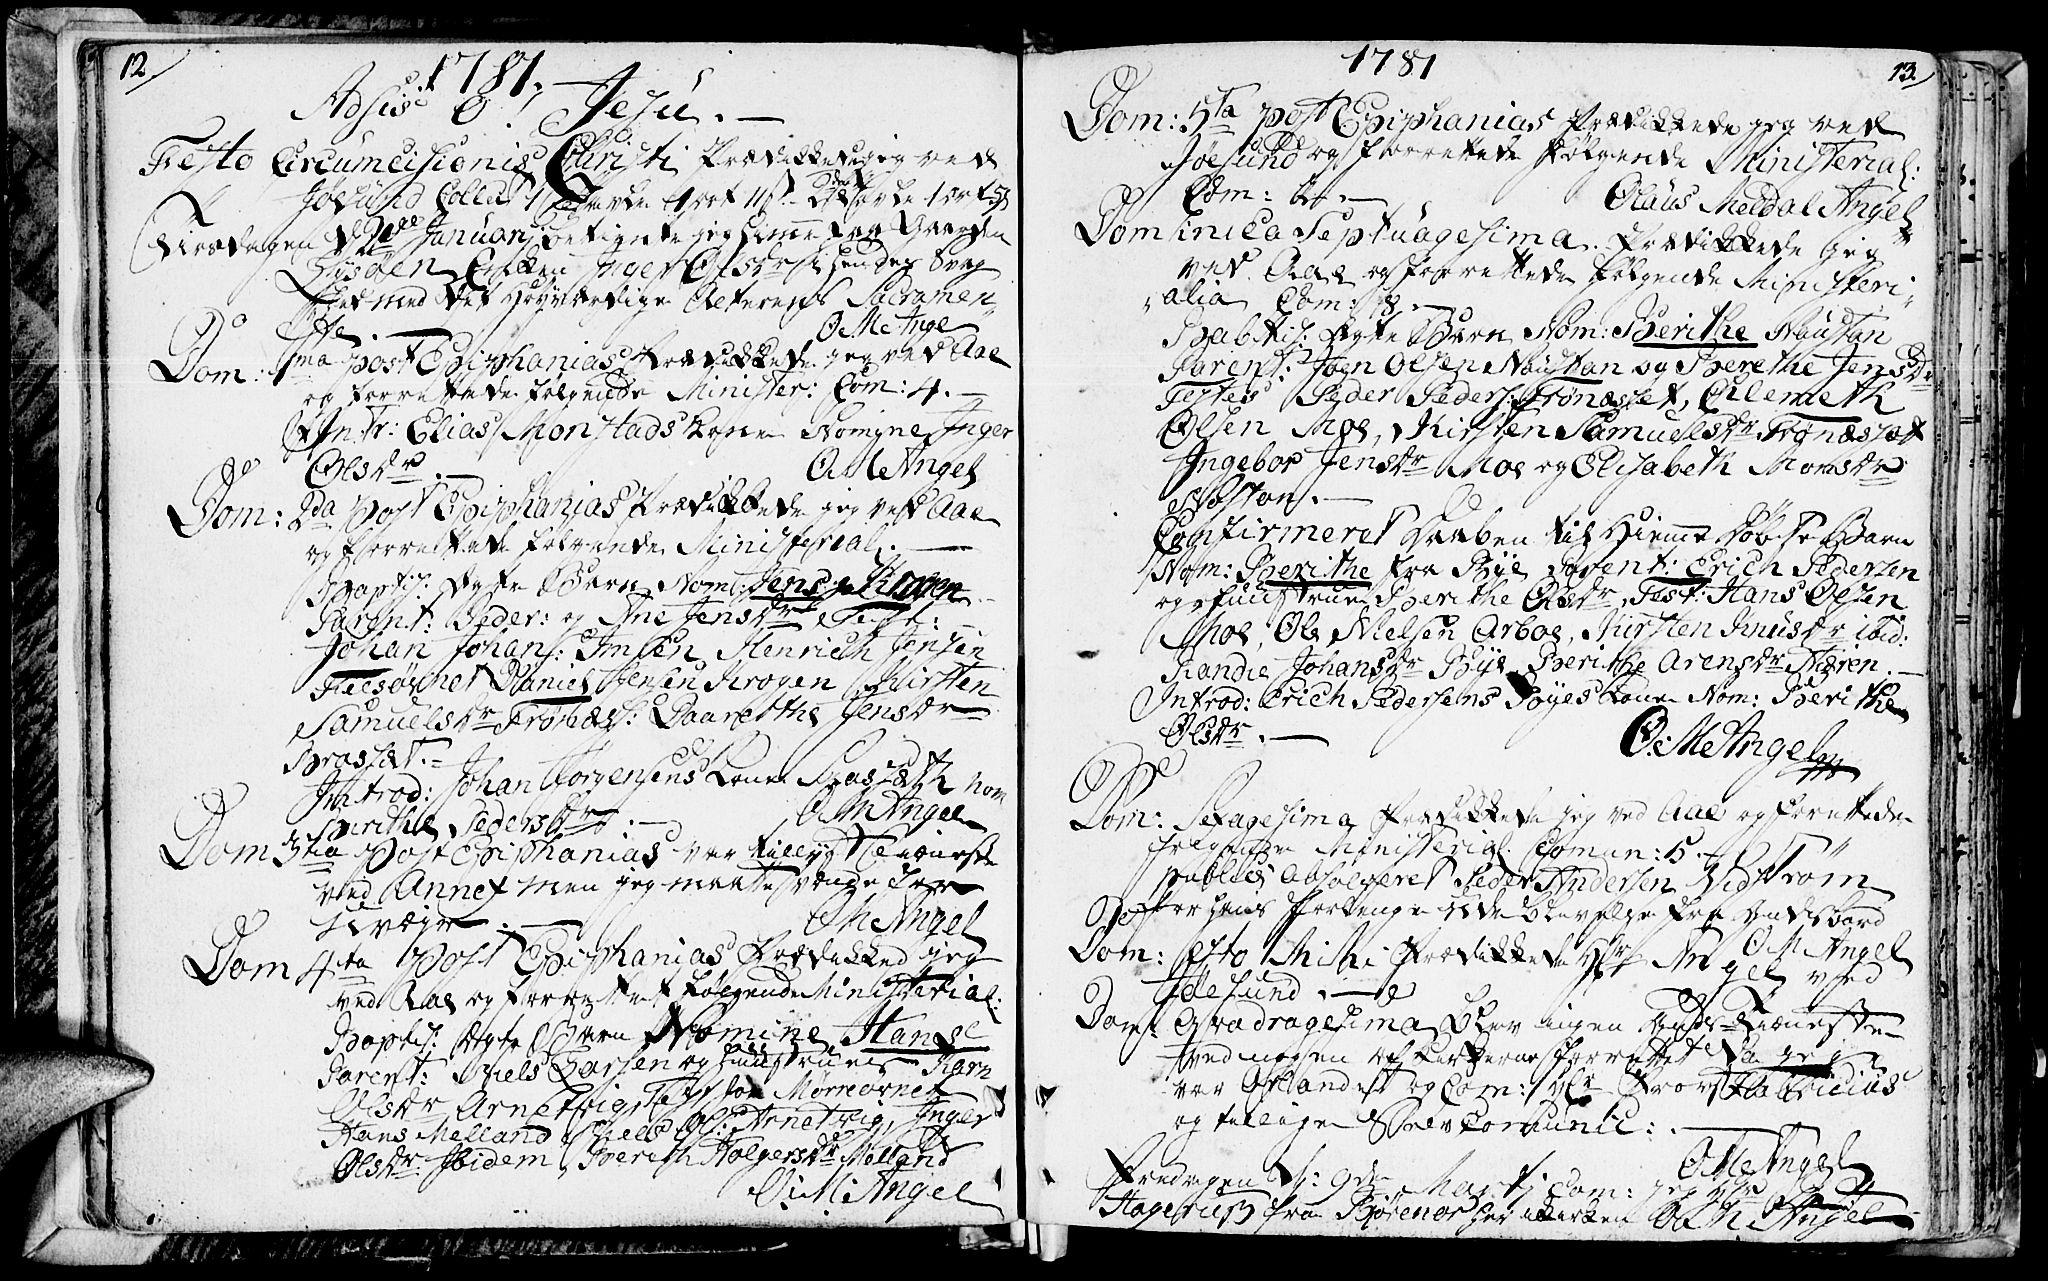 SAT, Ministerialprotokoller, klokkerbøker og fødselsregistre - Sør-Trøndelag, 655/L0673: Ministerialbok nr. 655A02, 1780-1801, s. 12-13